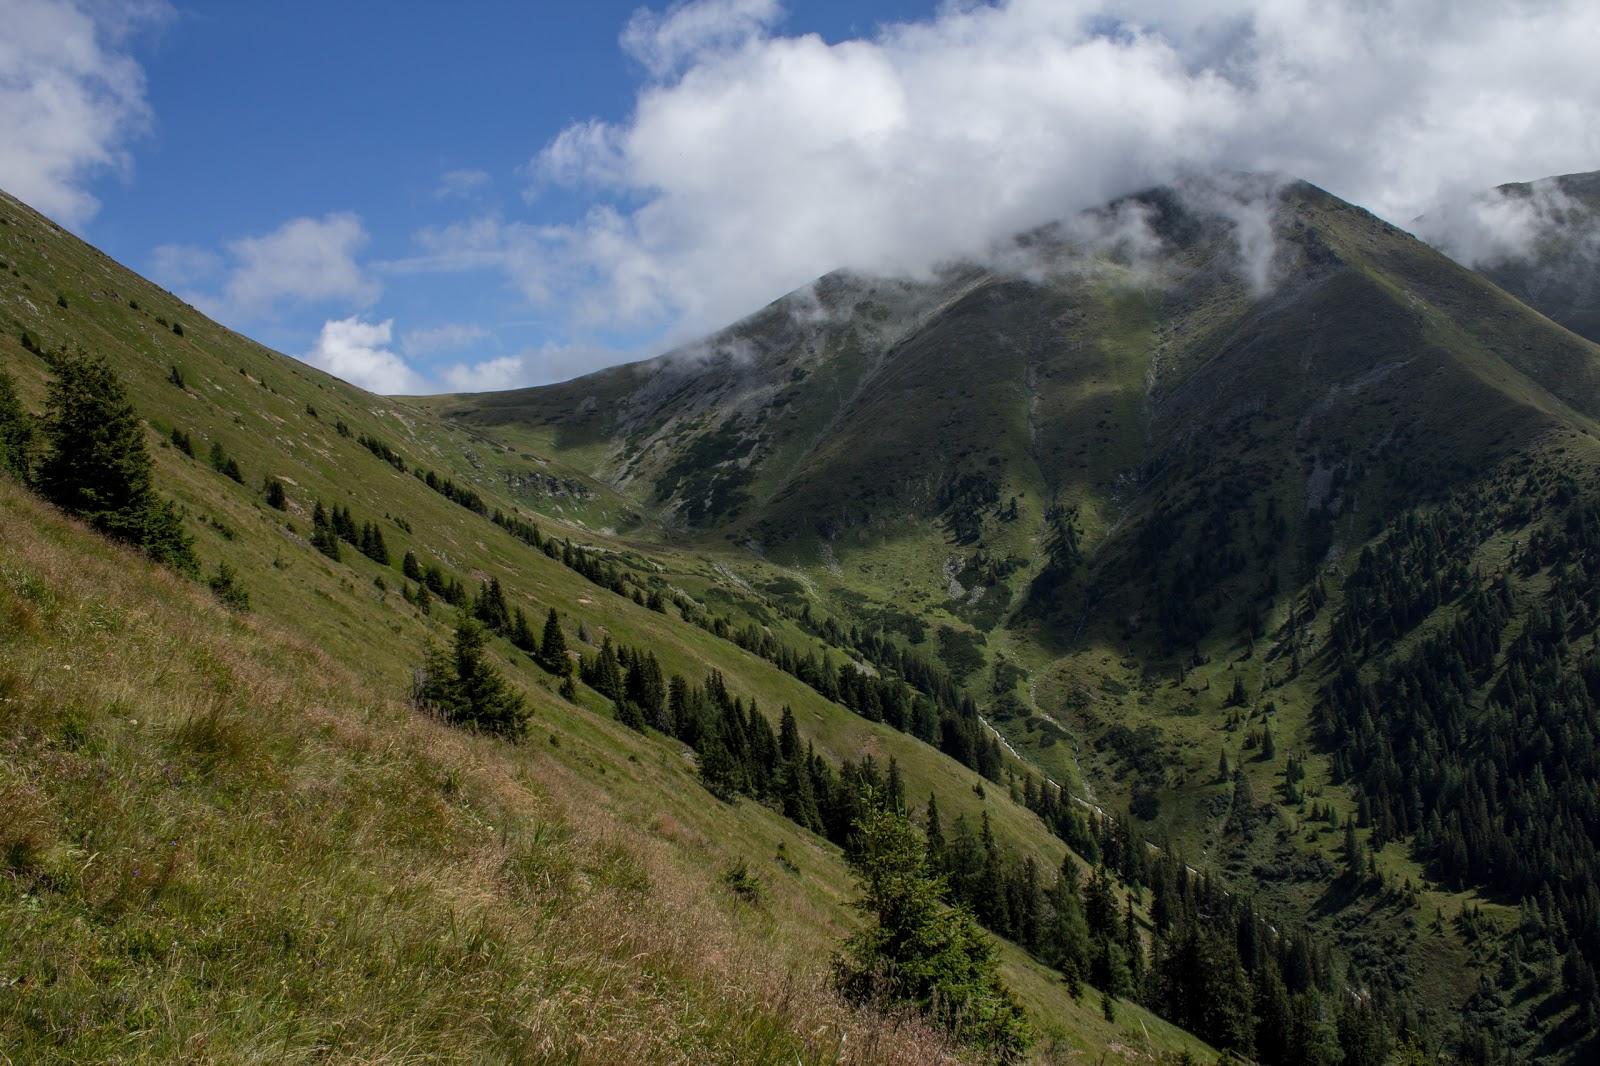 Wanderung vom Ingeringgraben über den Schmähhausrücken auf den Hochreichart. Zweithöchster Gipfel der Seckauer Tauern.